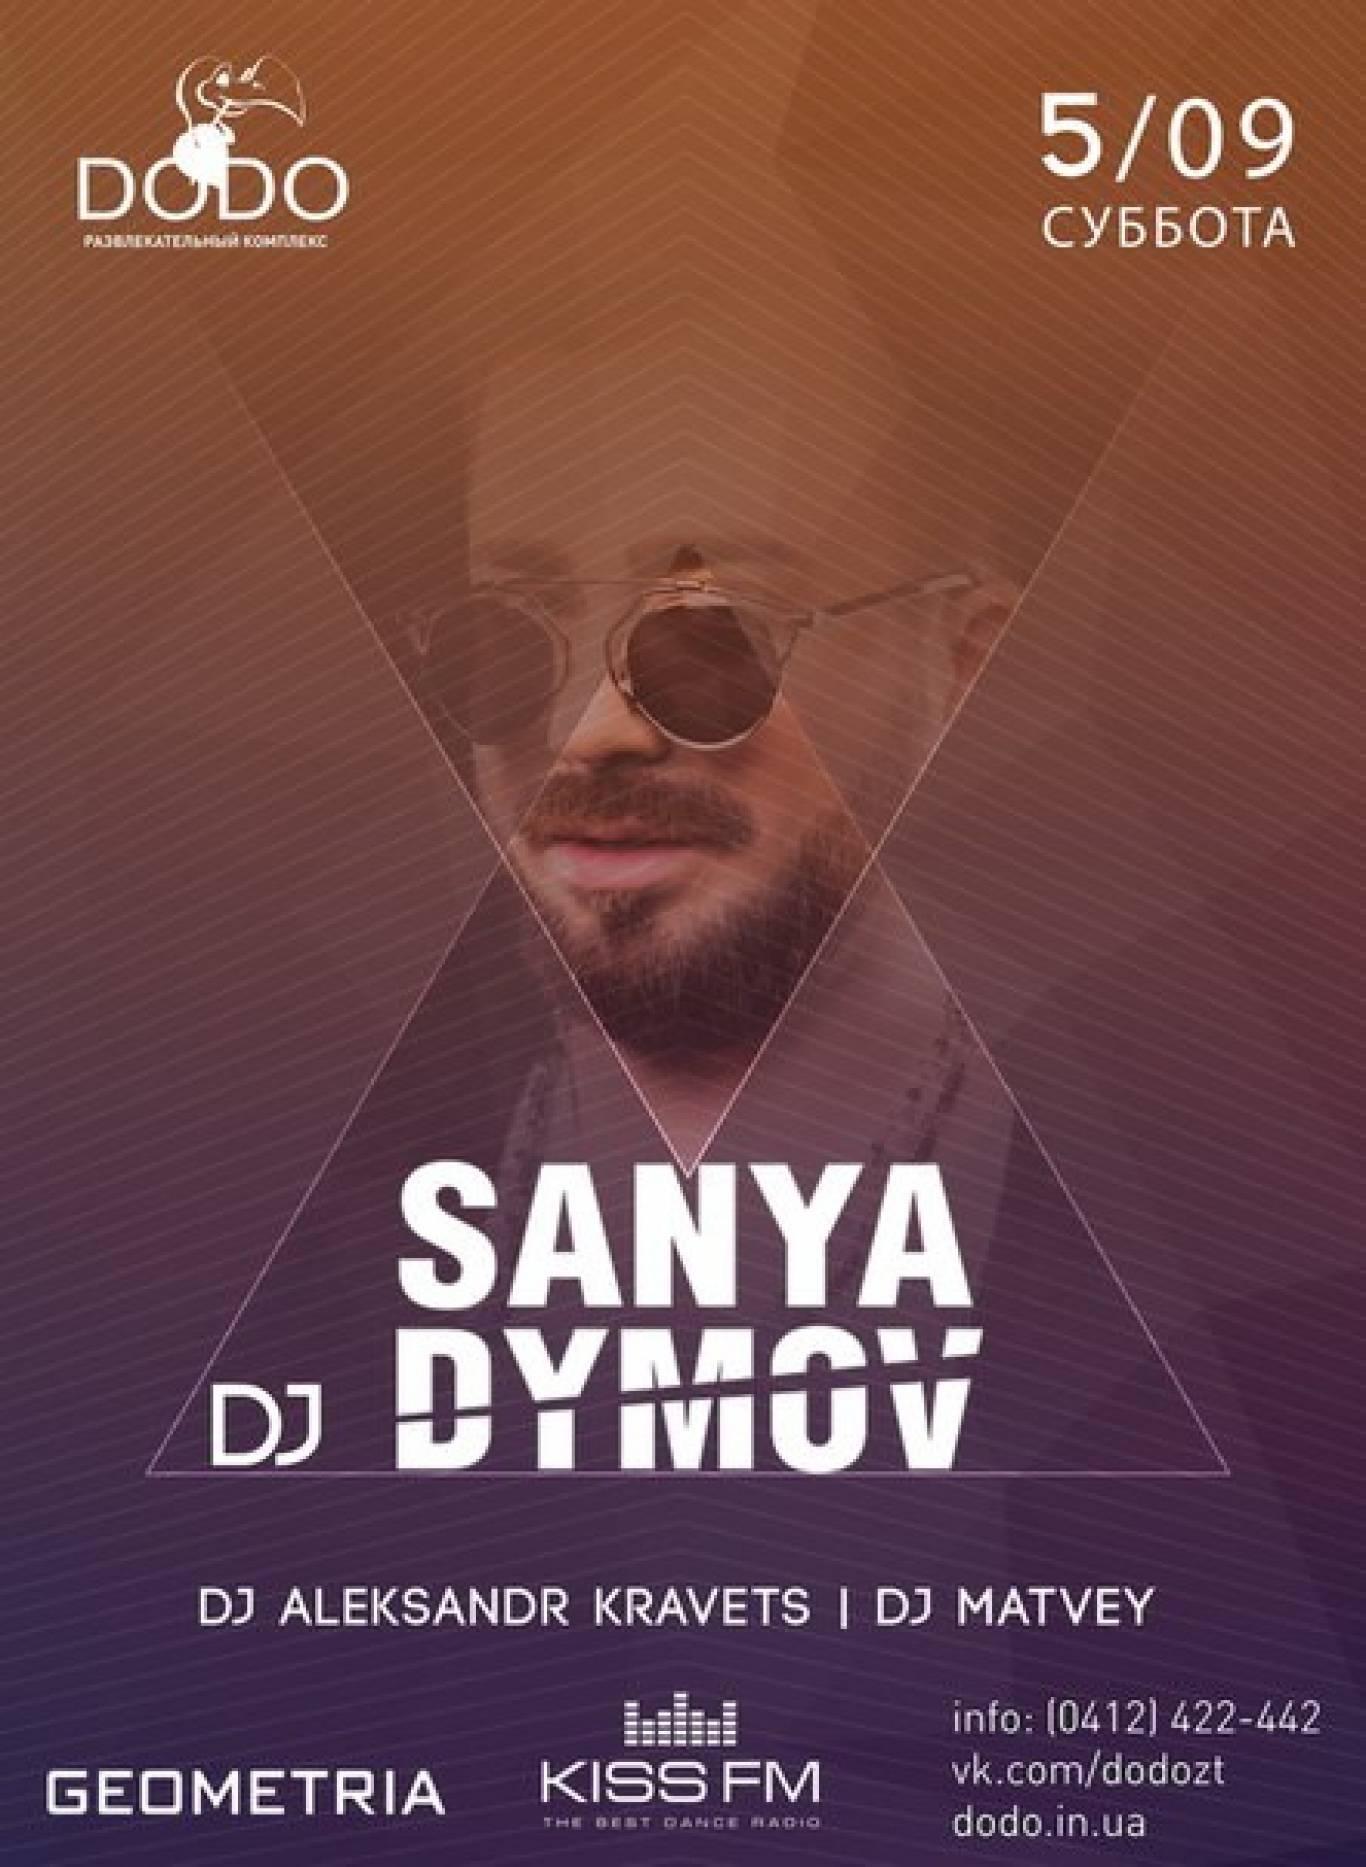 DJ SANYA DIMOV